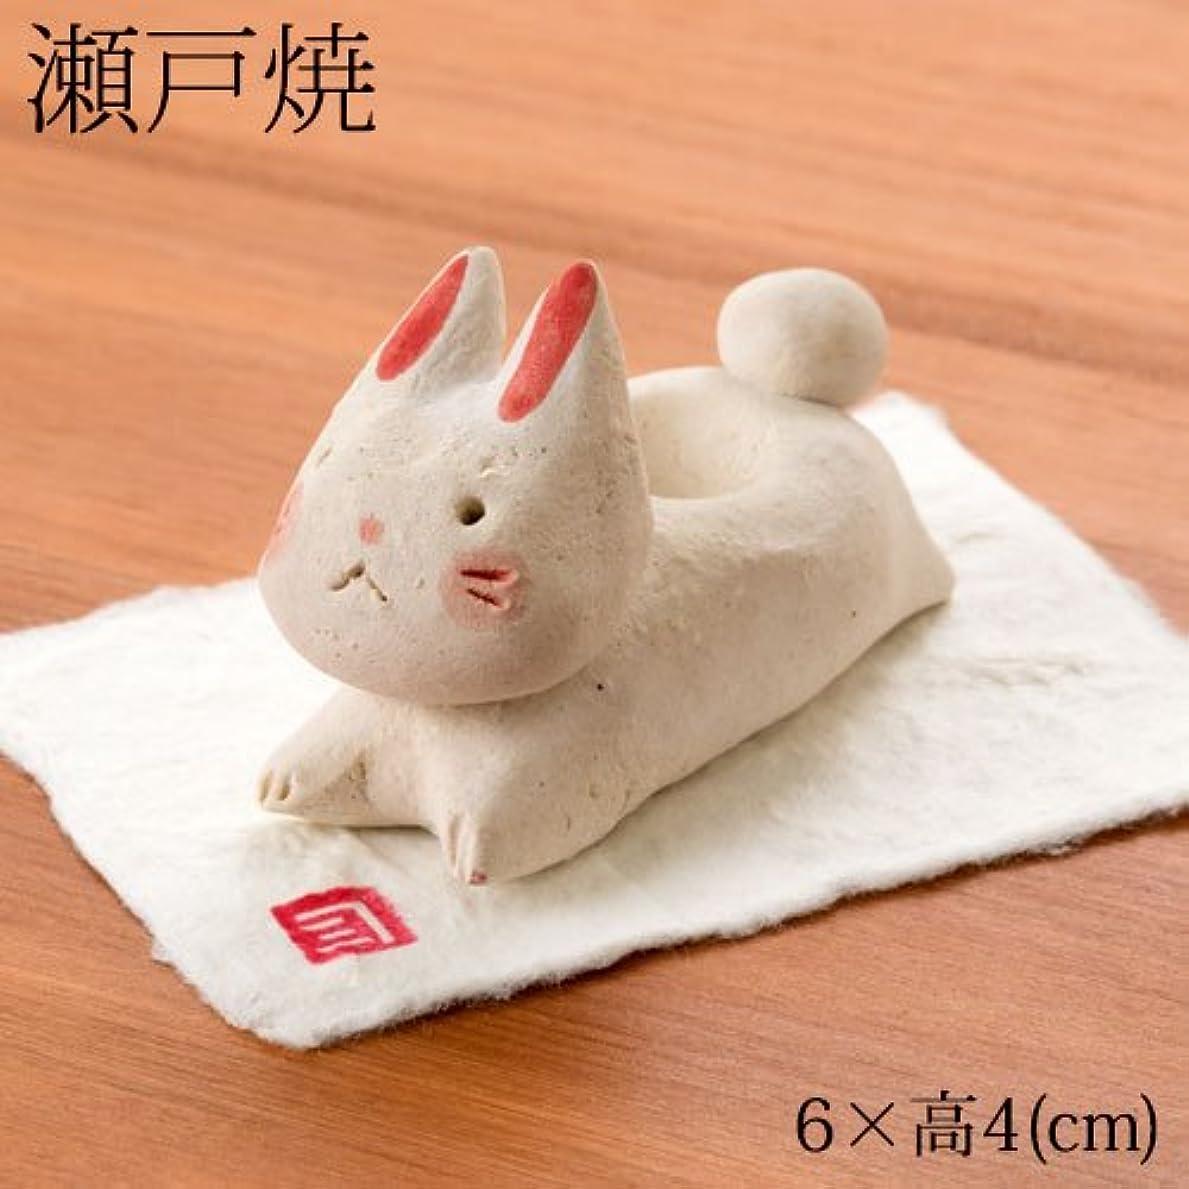 起こるレタッチニンニク瀬戸焼兎アロマストーン (K6302)愛知県の工芸品Seto-yaki Aroma stone, Aichi craft